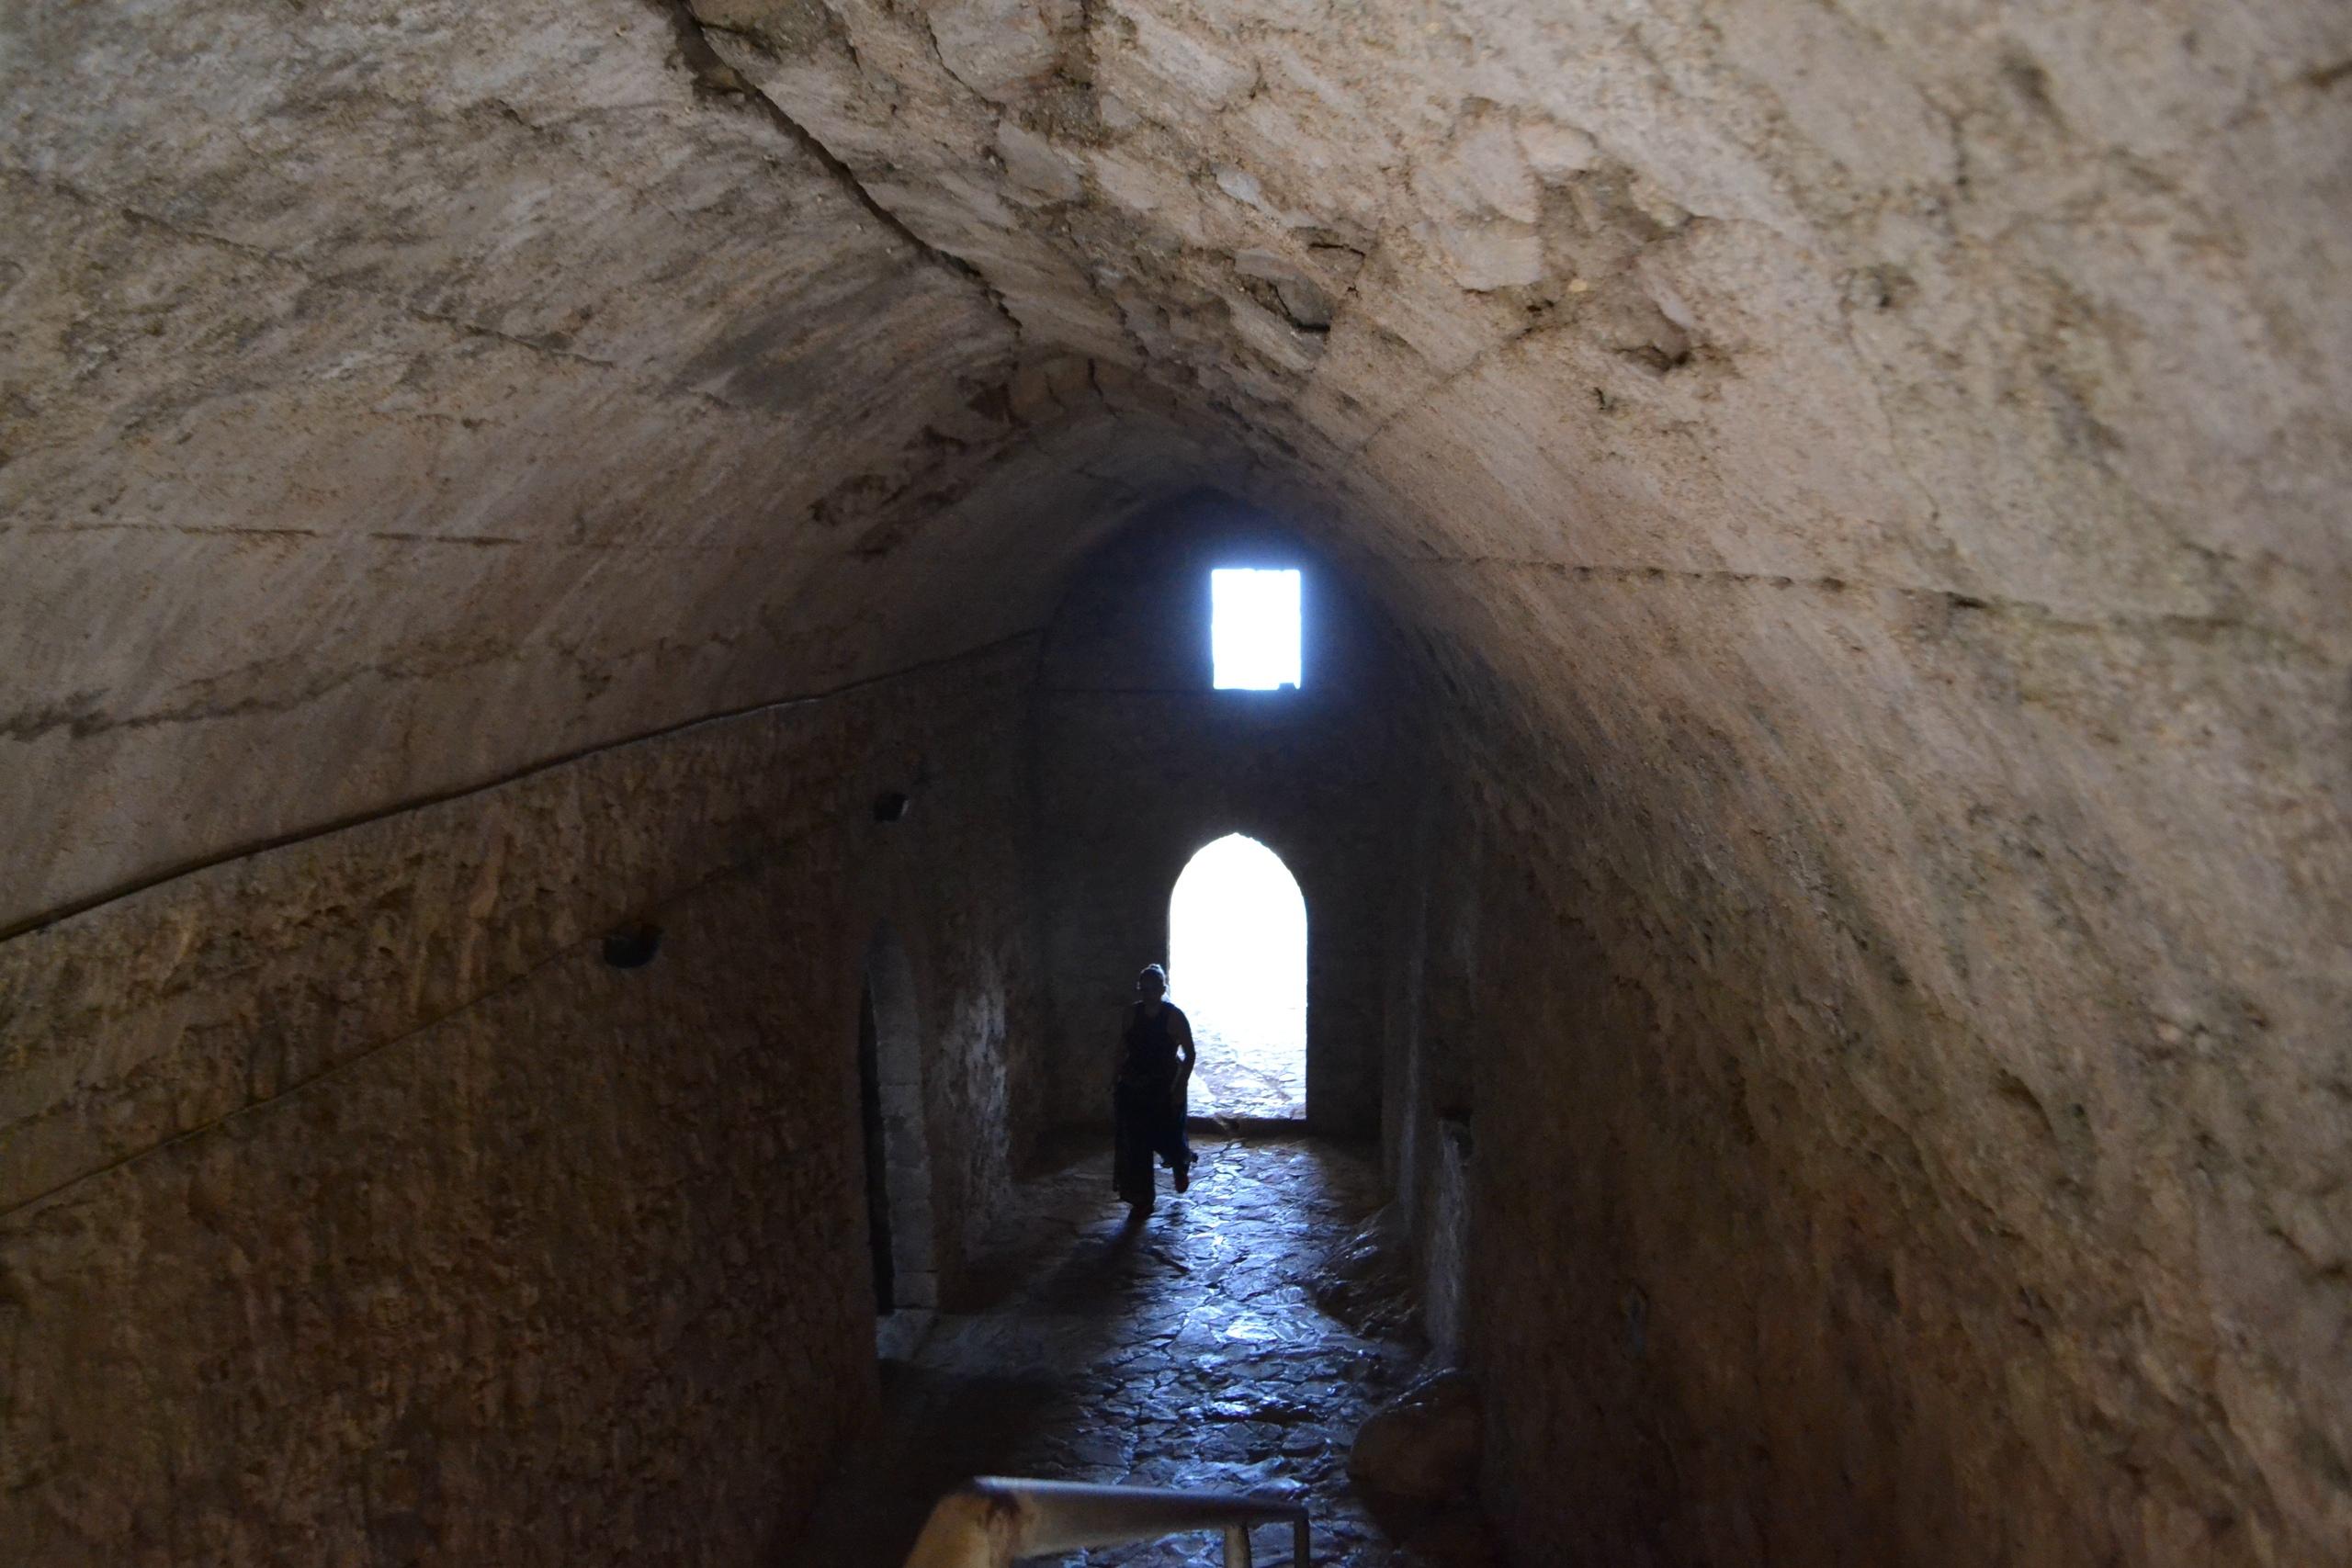 Северный Кипр. Замок Святого Иллариона. (фото). - Страница 2 KSgLFmmCcKI